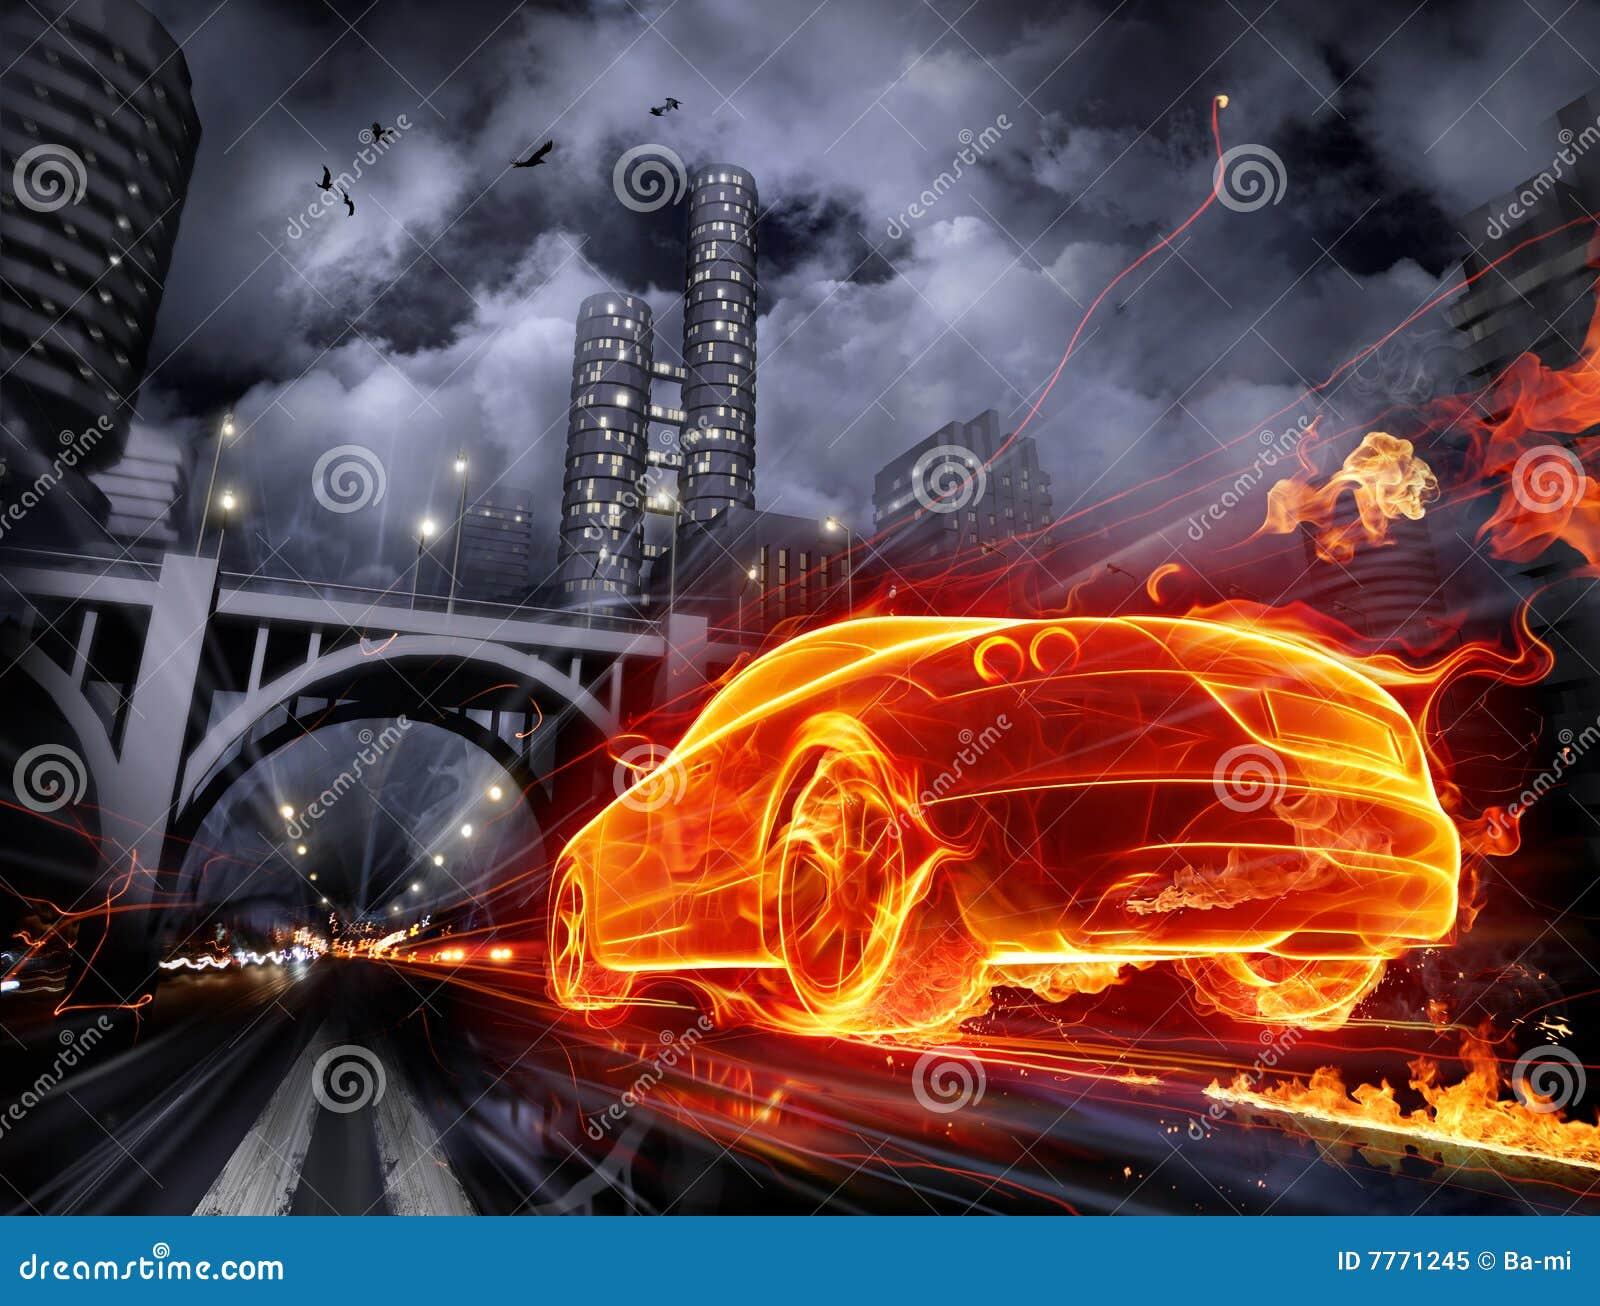 Fiery car